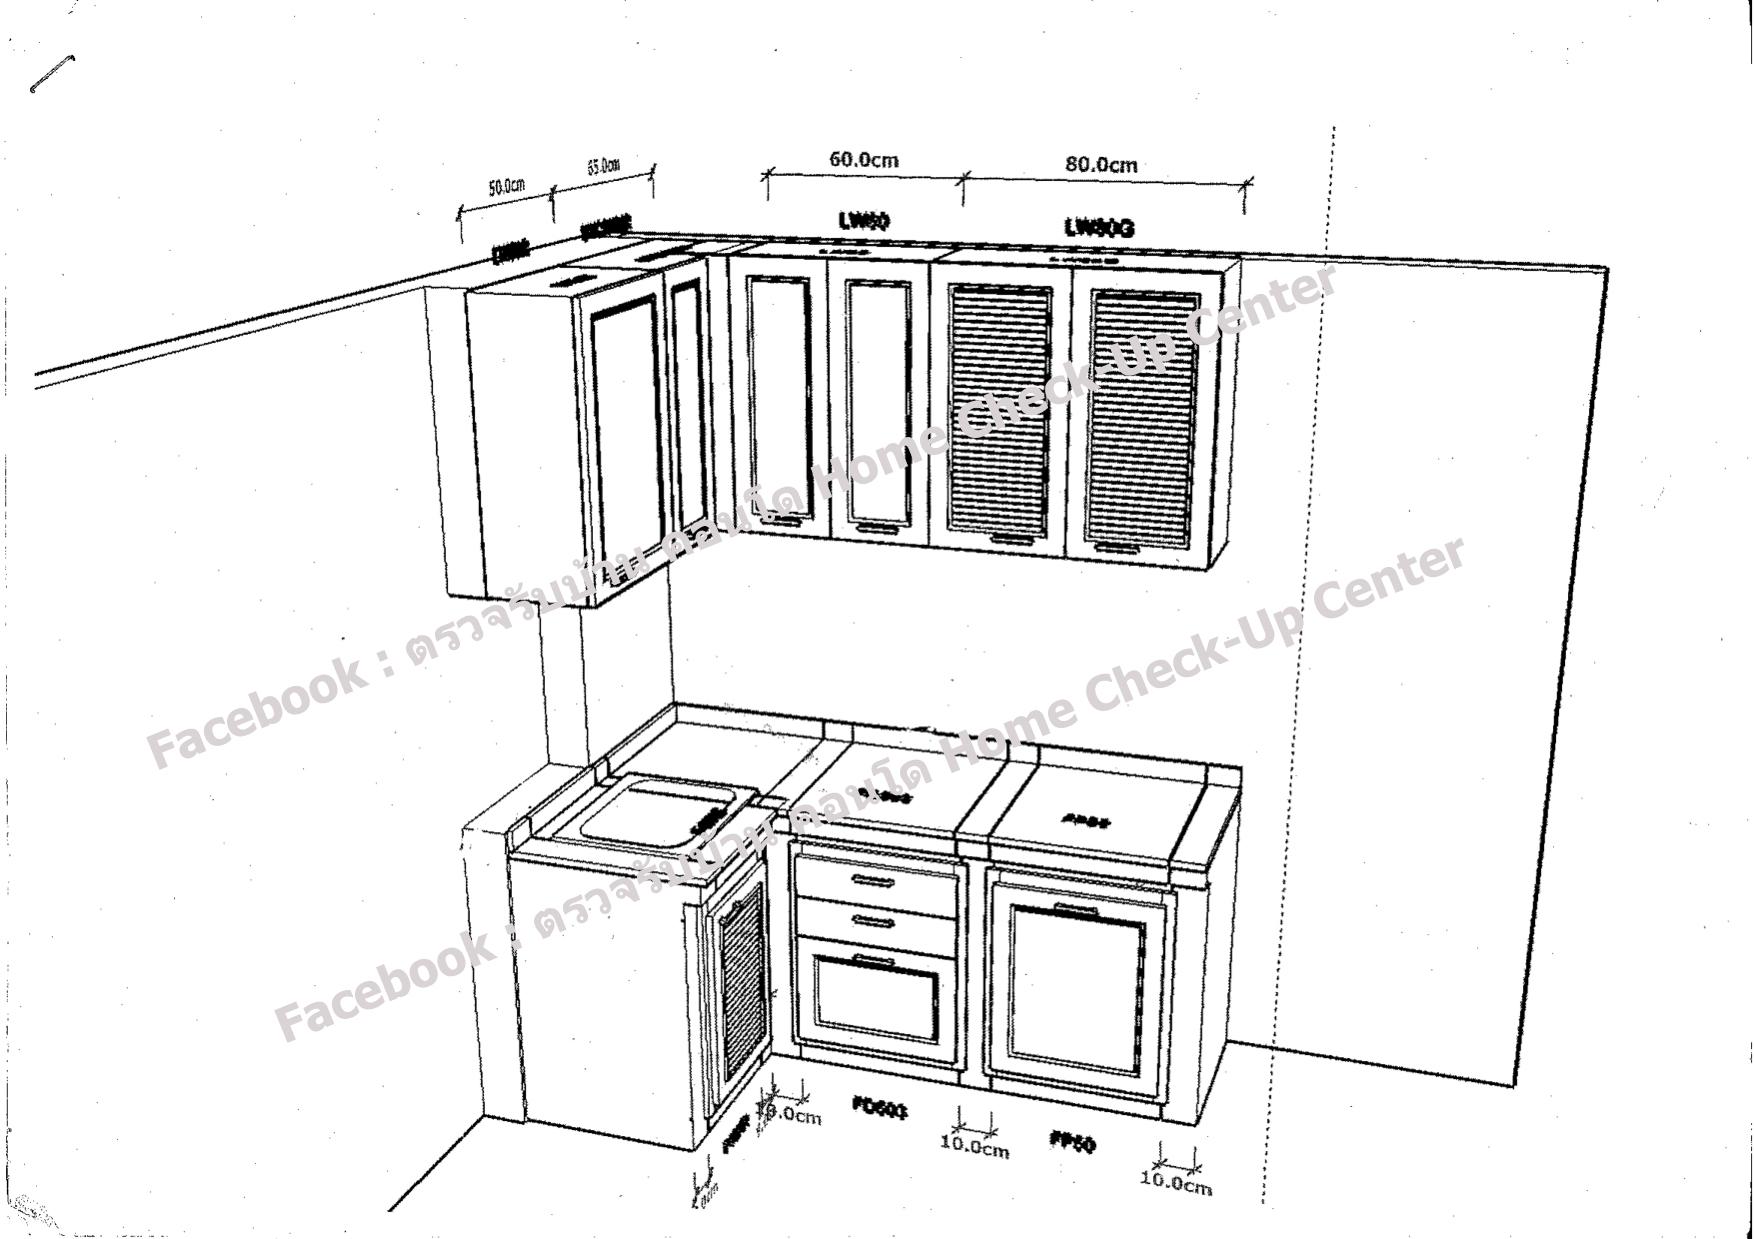 ตัวอย่างการออกแบบห้องครัวด้วยโปรแกรม3D